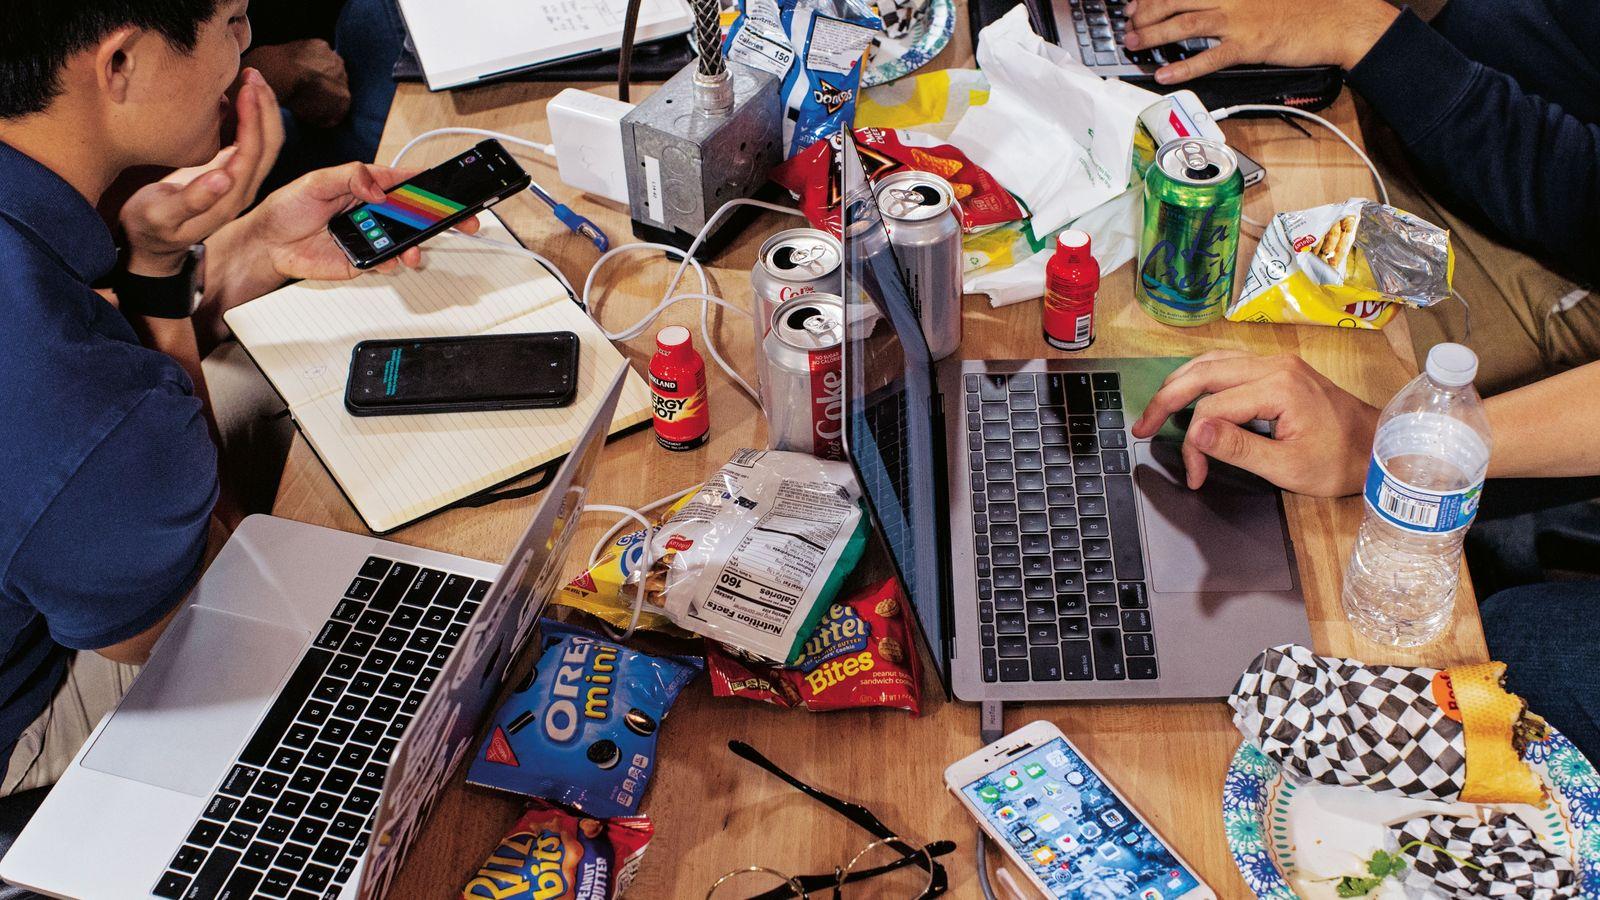 Malbouffe, sodas allégés et boissons énergisantes constituent le carburant de ces étudiants de l'université technologique de ...